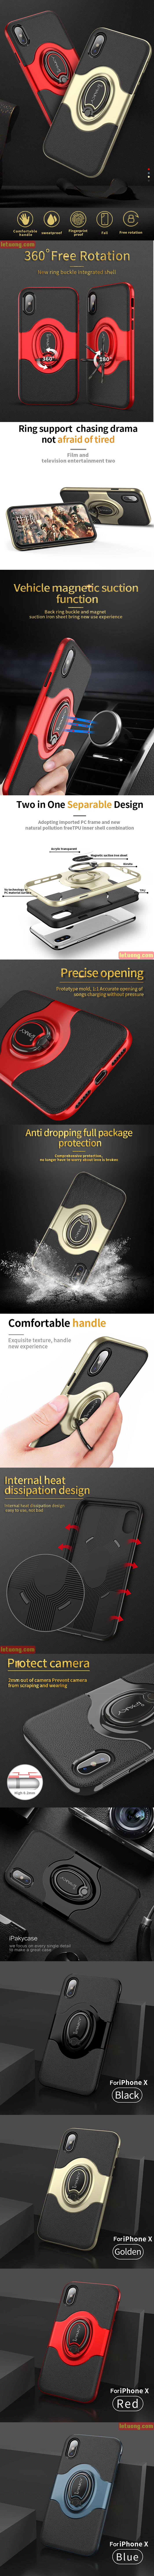 Ốp lưng Iphone X Ipaky Iring Holder 360 Car độc đáo, tiện lợi 1